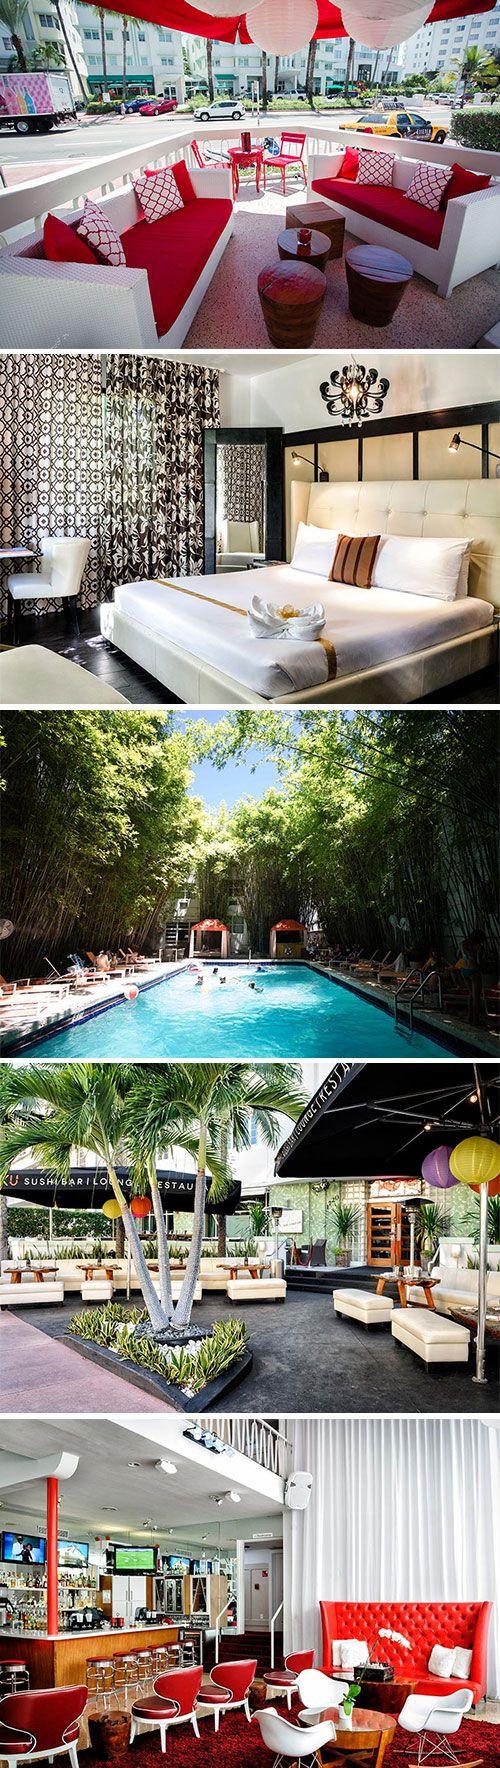 Combineer stad, strand en design tijdens een verblijf in het boutique hotel The Cataline Hotel & Beach Club. Dit driesterren hotel heeft niet alleen een fantastische ligging, maar biedt je ook nog luxe tegen een betaalbare prijs.